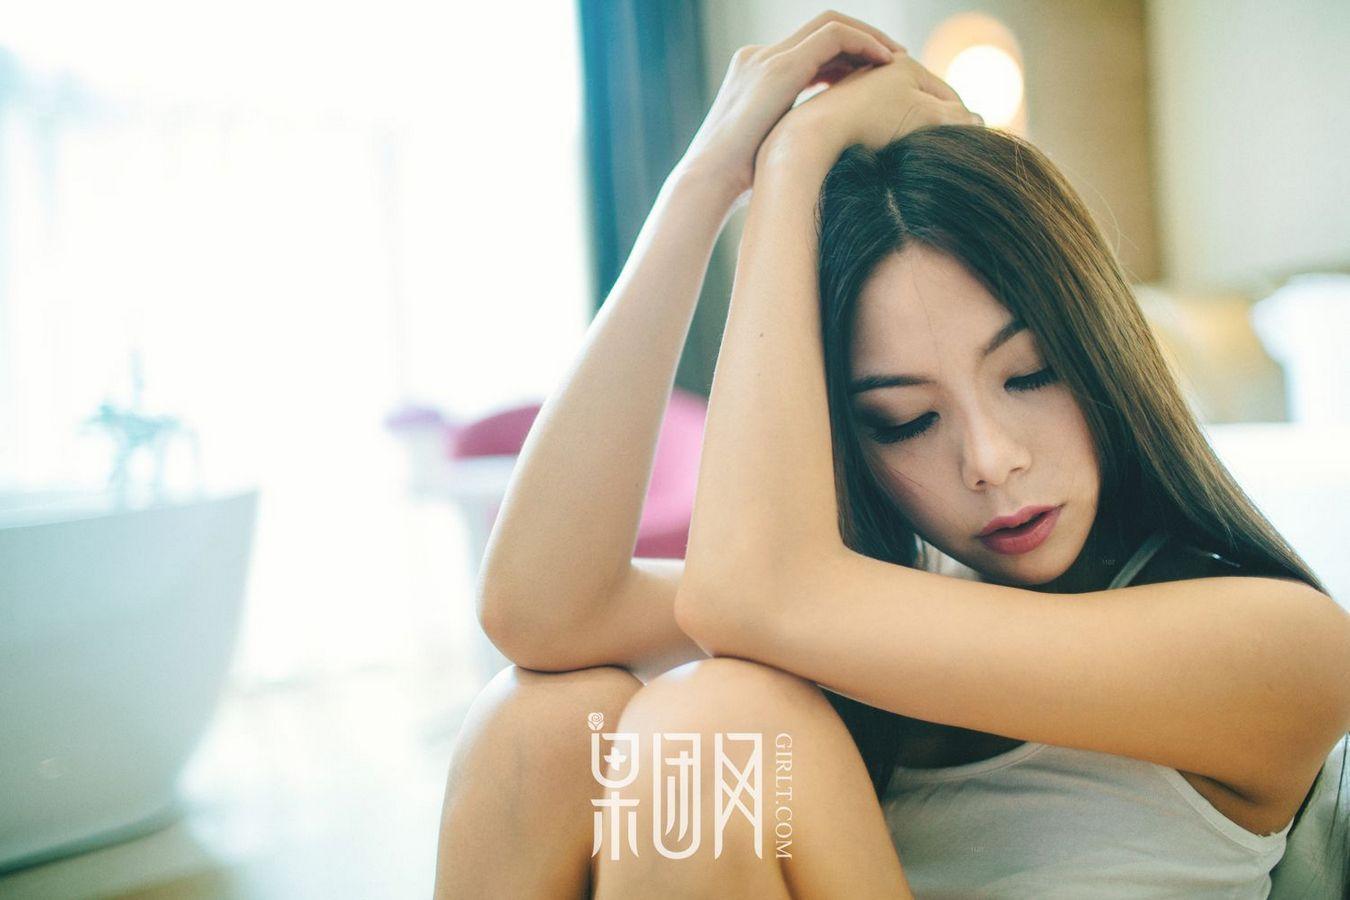 MIAE-162GOGO全球高清大胆美女李可可透明内裤露股沟销魂美女图库